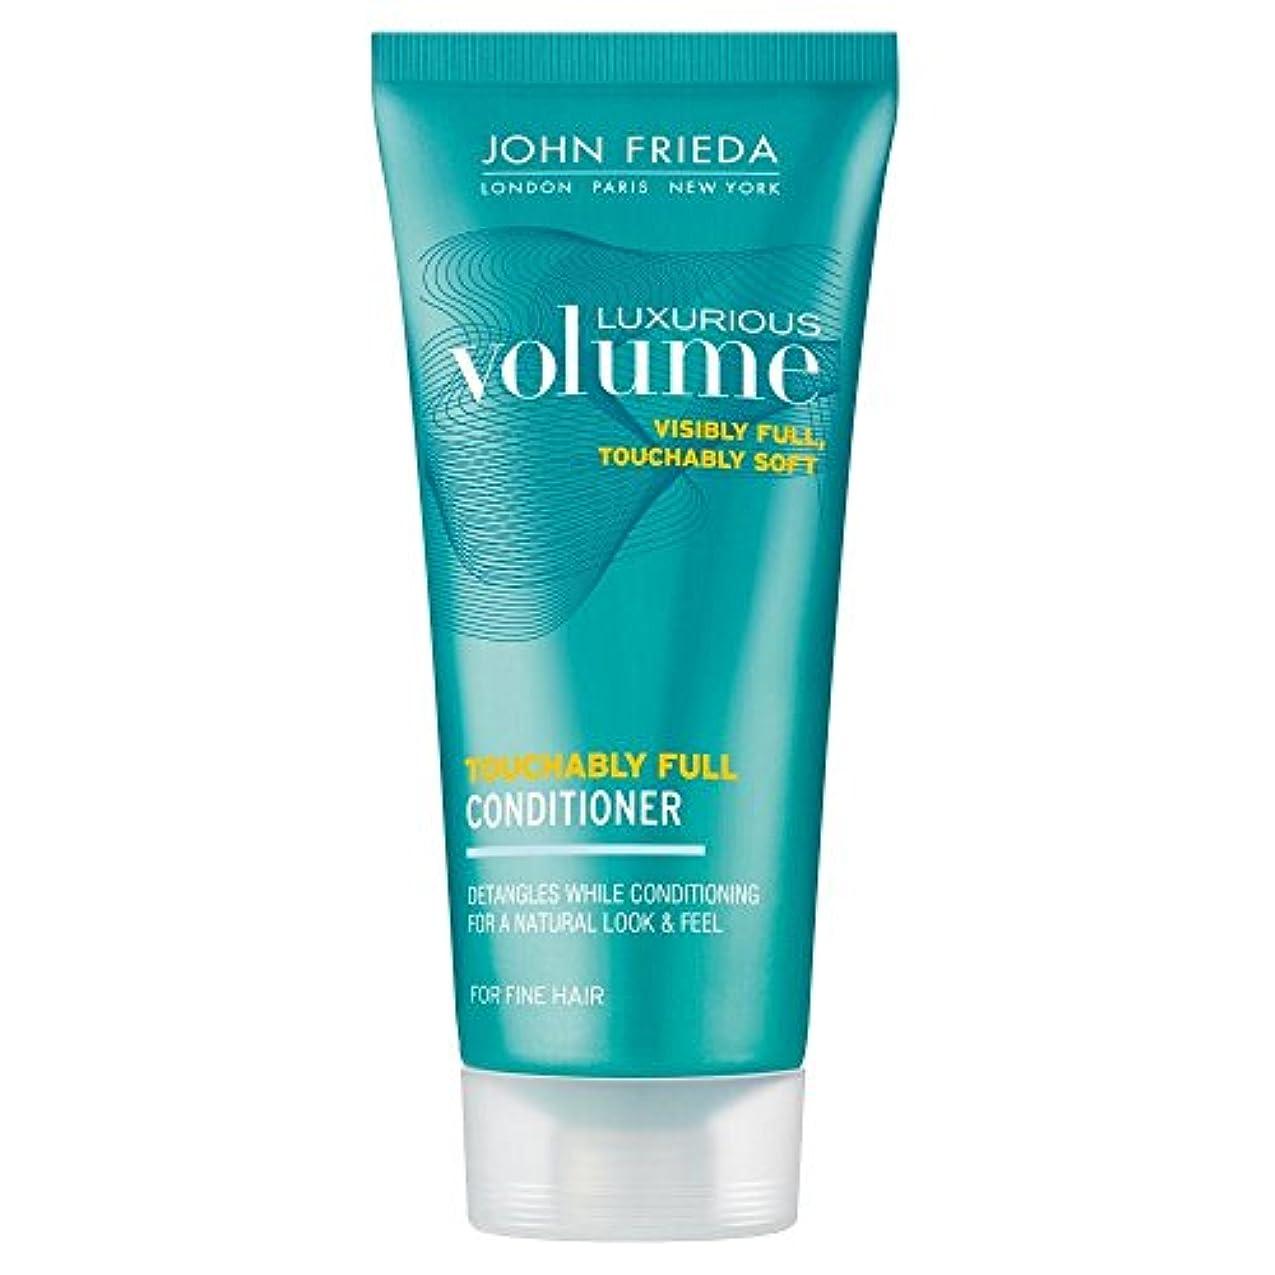 戻す殉教者原油John Frieda Luxurious Volume Thickening Conditioner (50ml) ジョン?フリーダ豪華なボリューム増粘コンディショナー( 50ミリリットル) [並行輸入品]